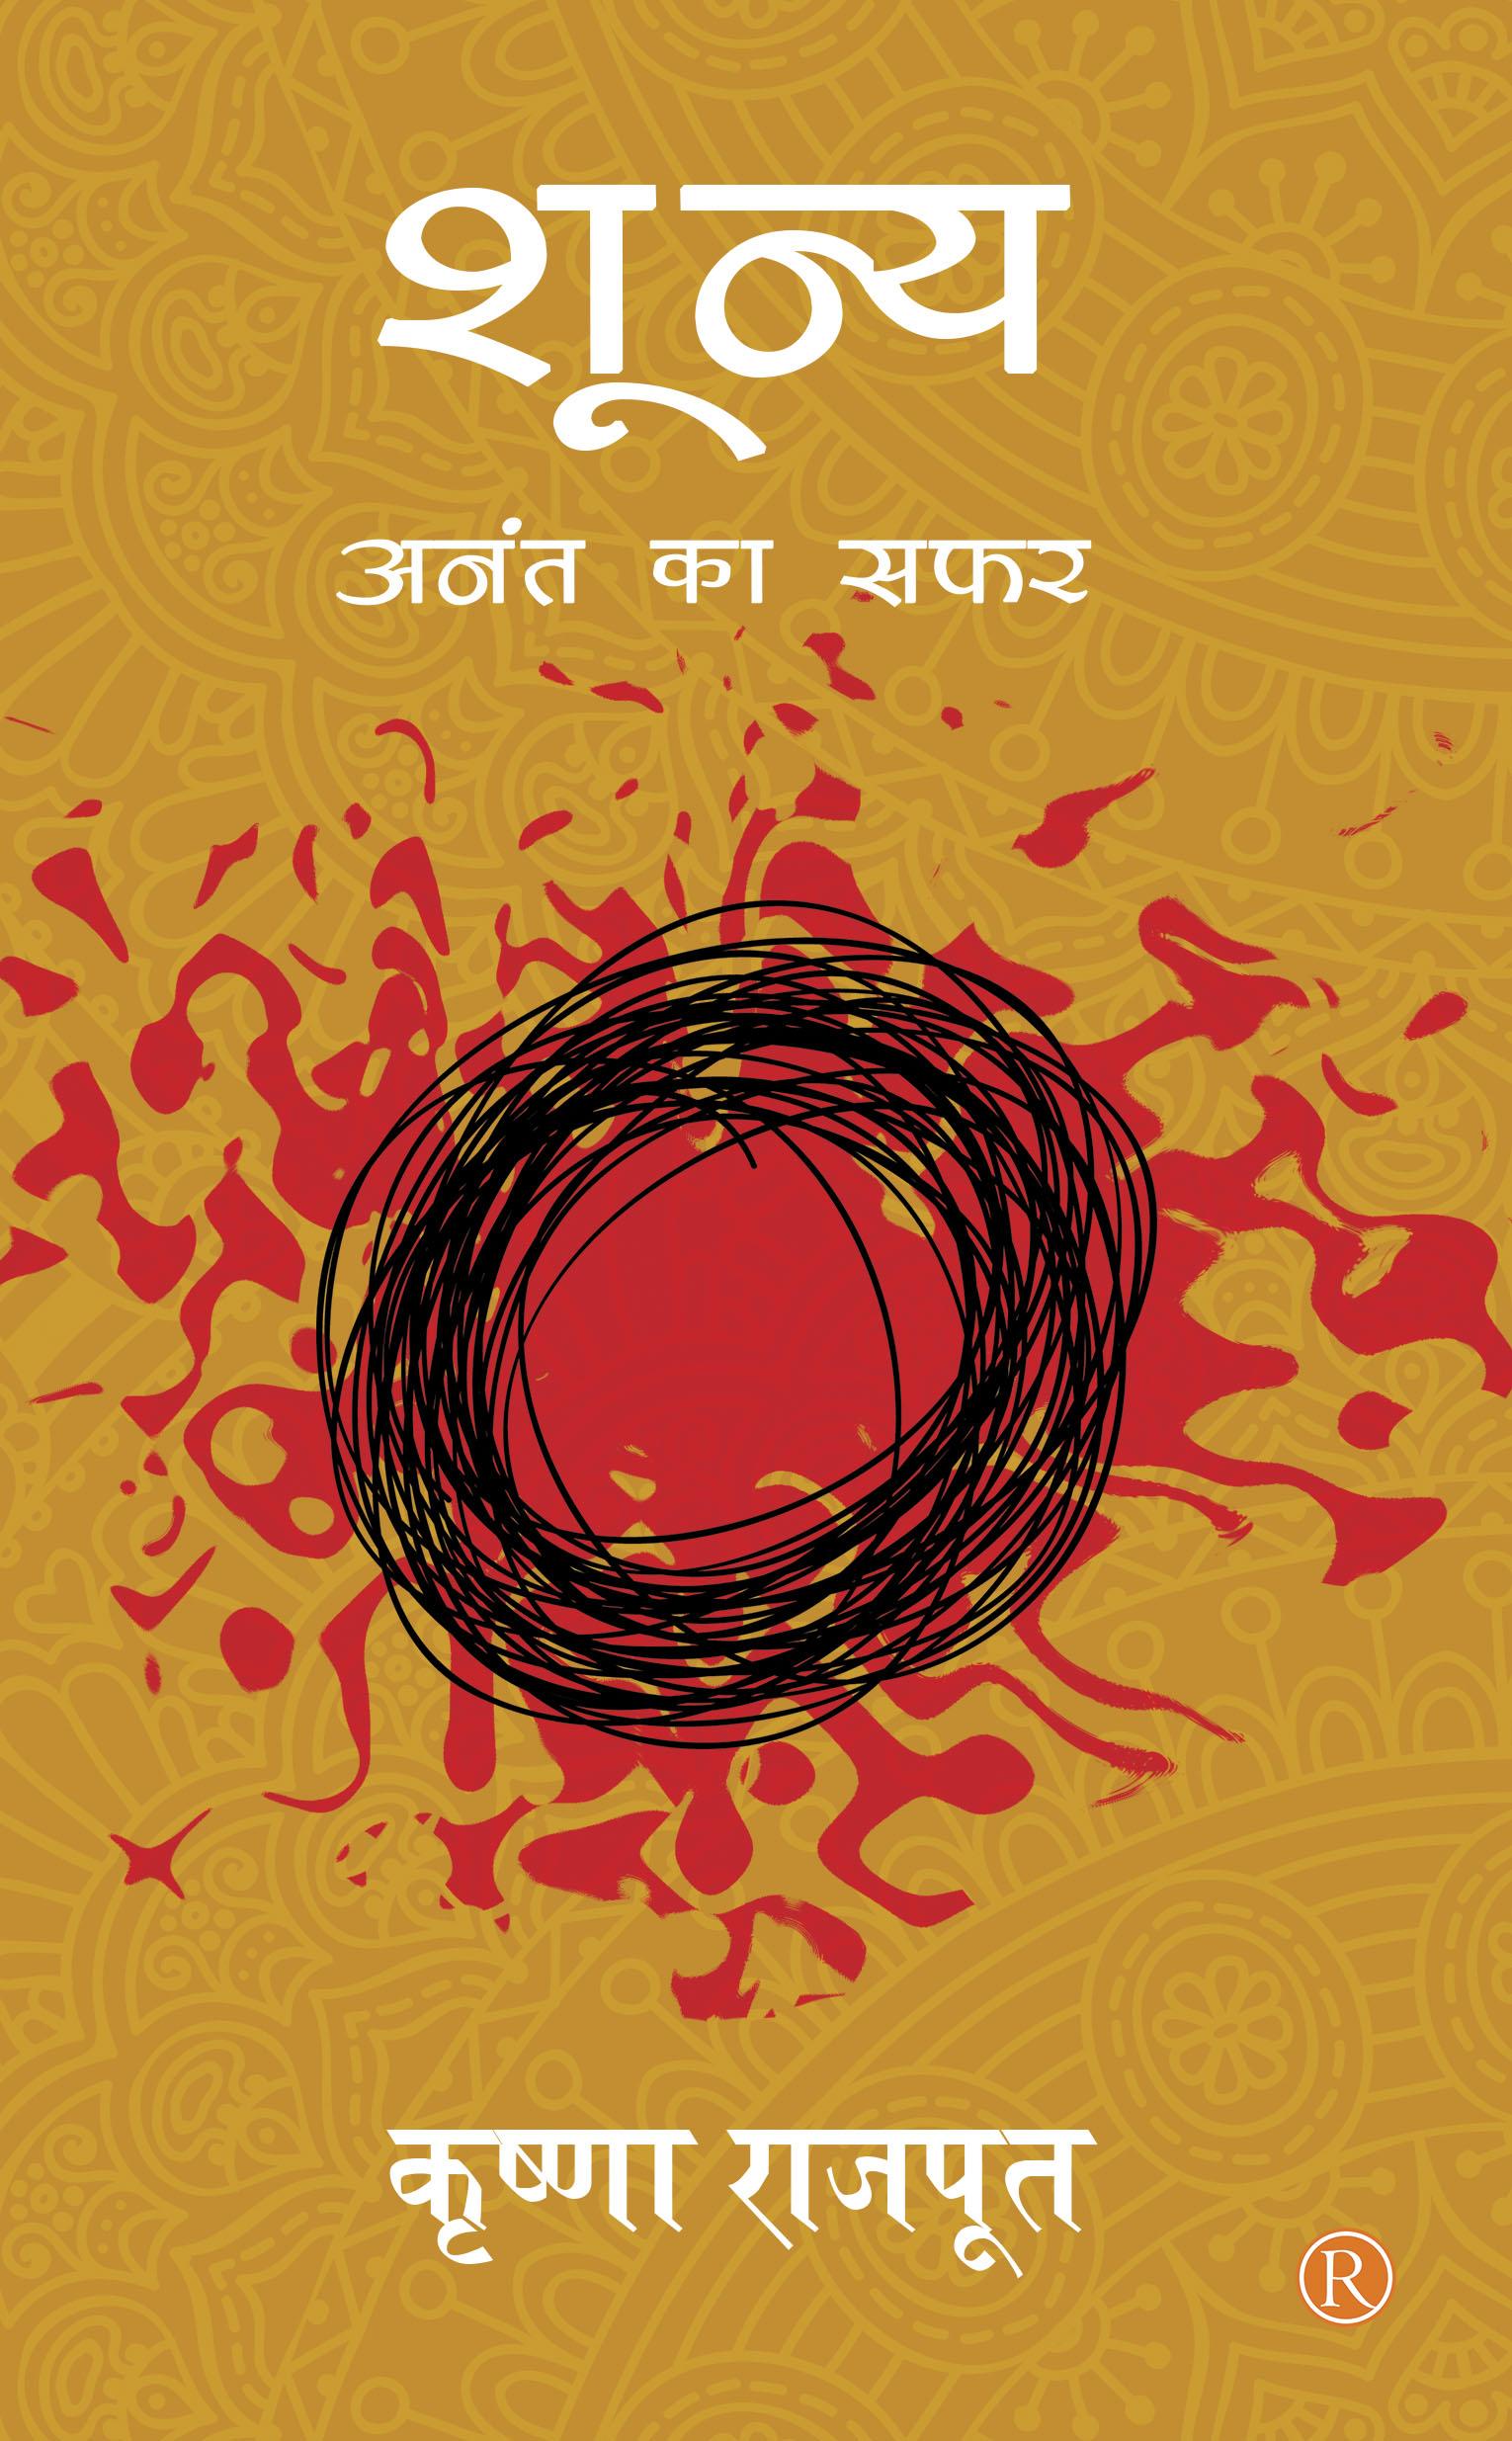 Shoonya - Anant Ki Yatra